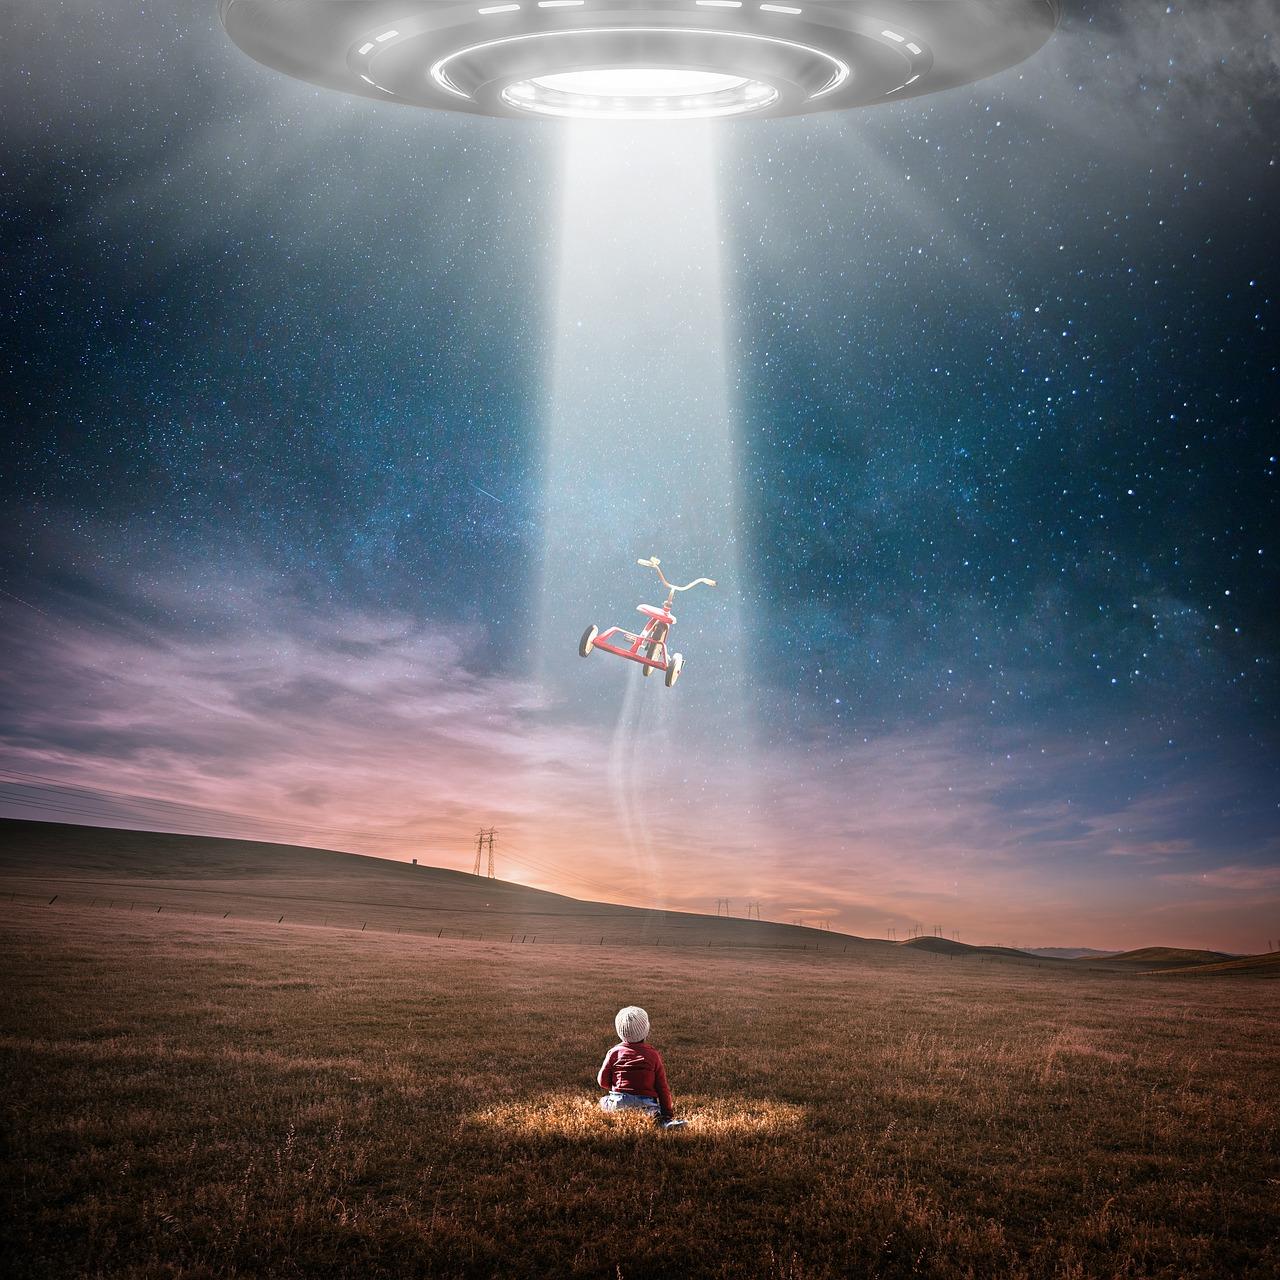 Un documento desclasificado del FBI, revela que poseen información sobre la existencia de extraterrestres desde hace décadas. ¿Qué dicen estos documentos? (Pixabay)